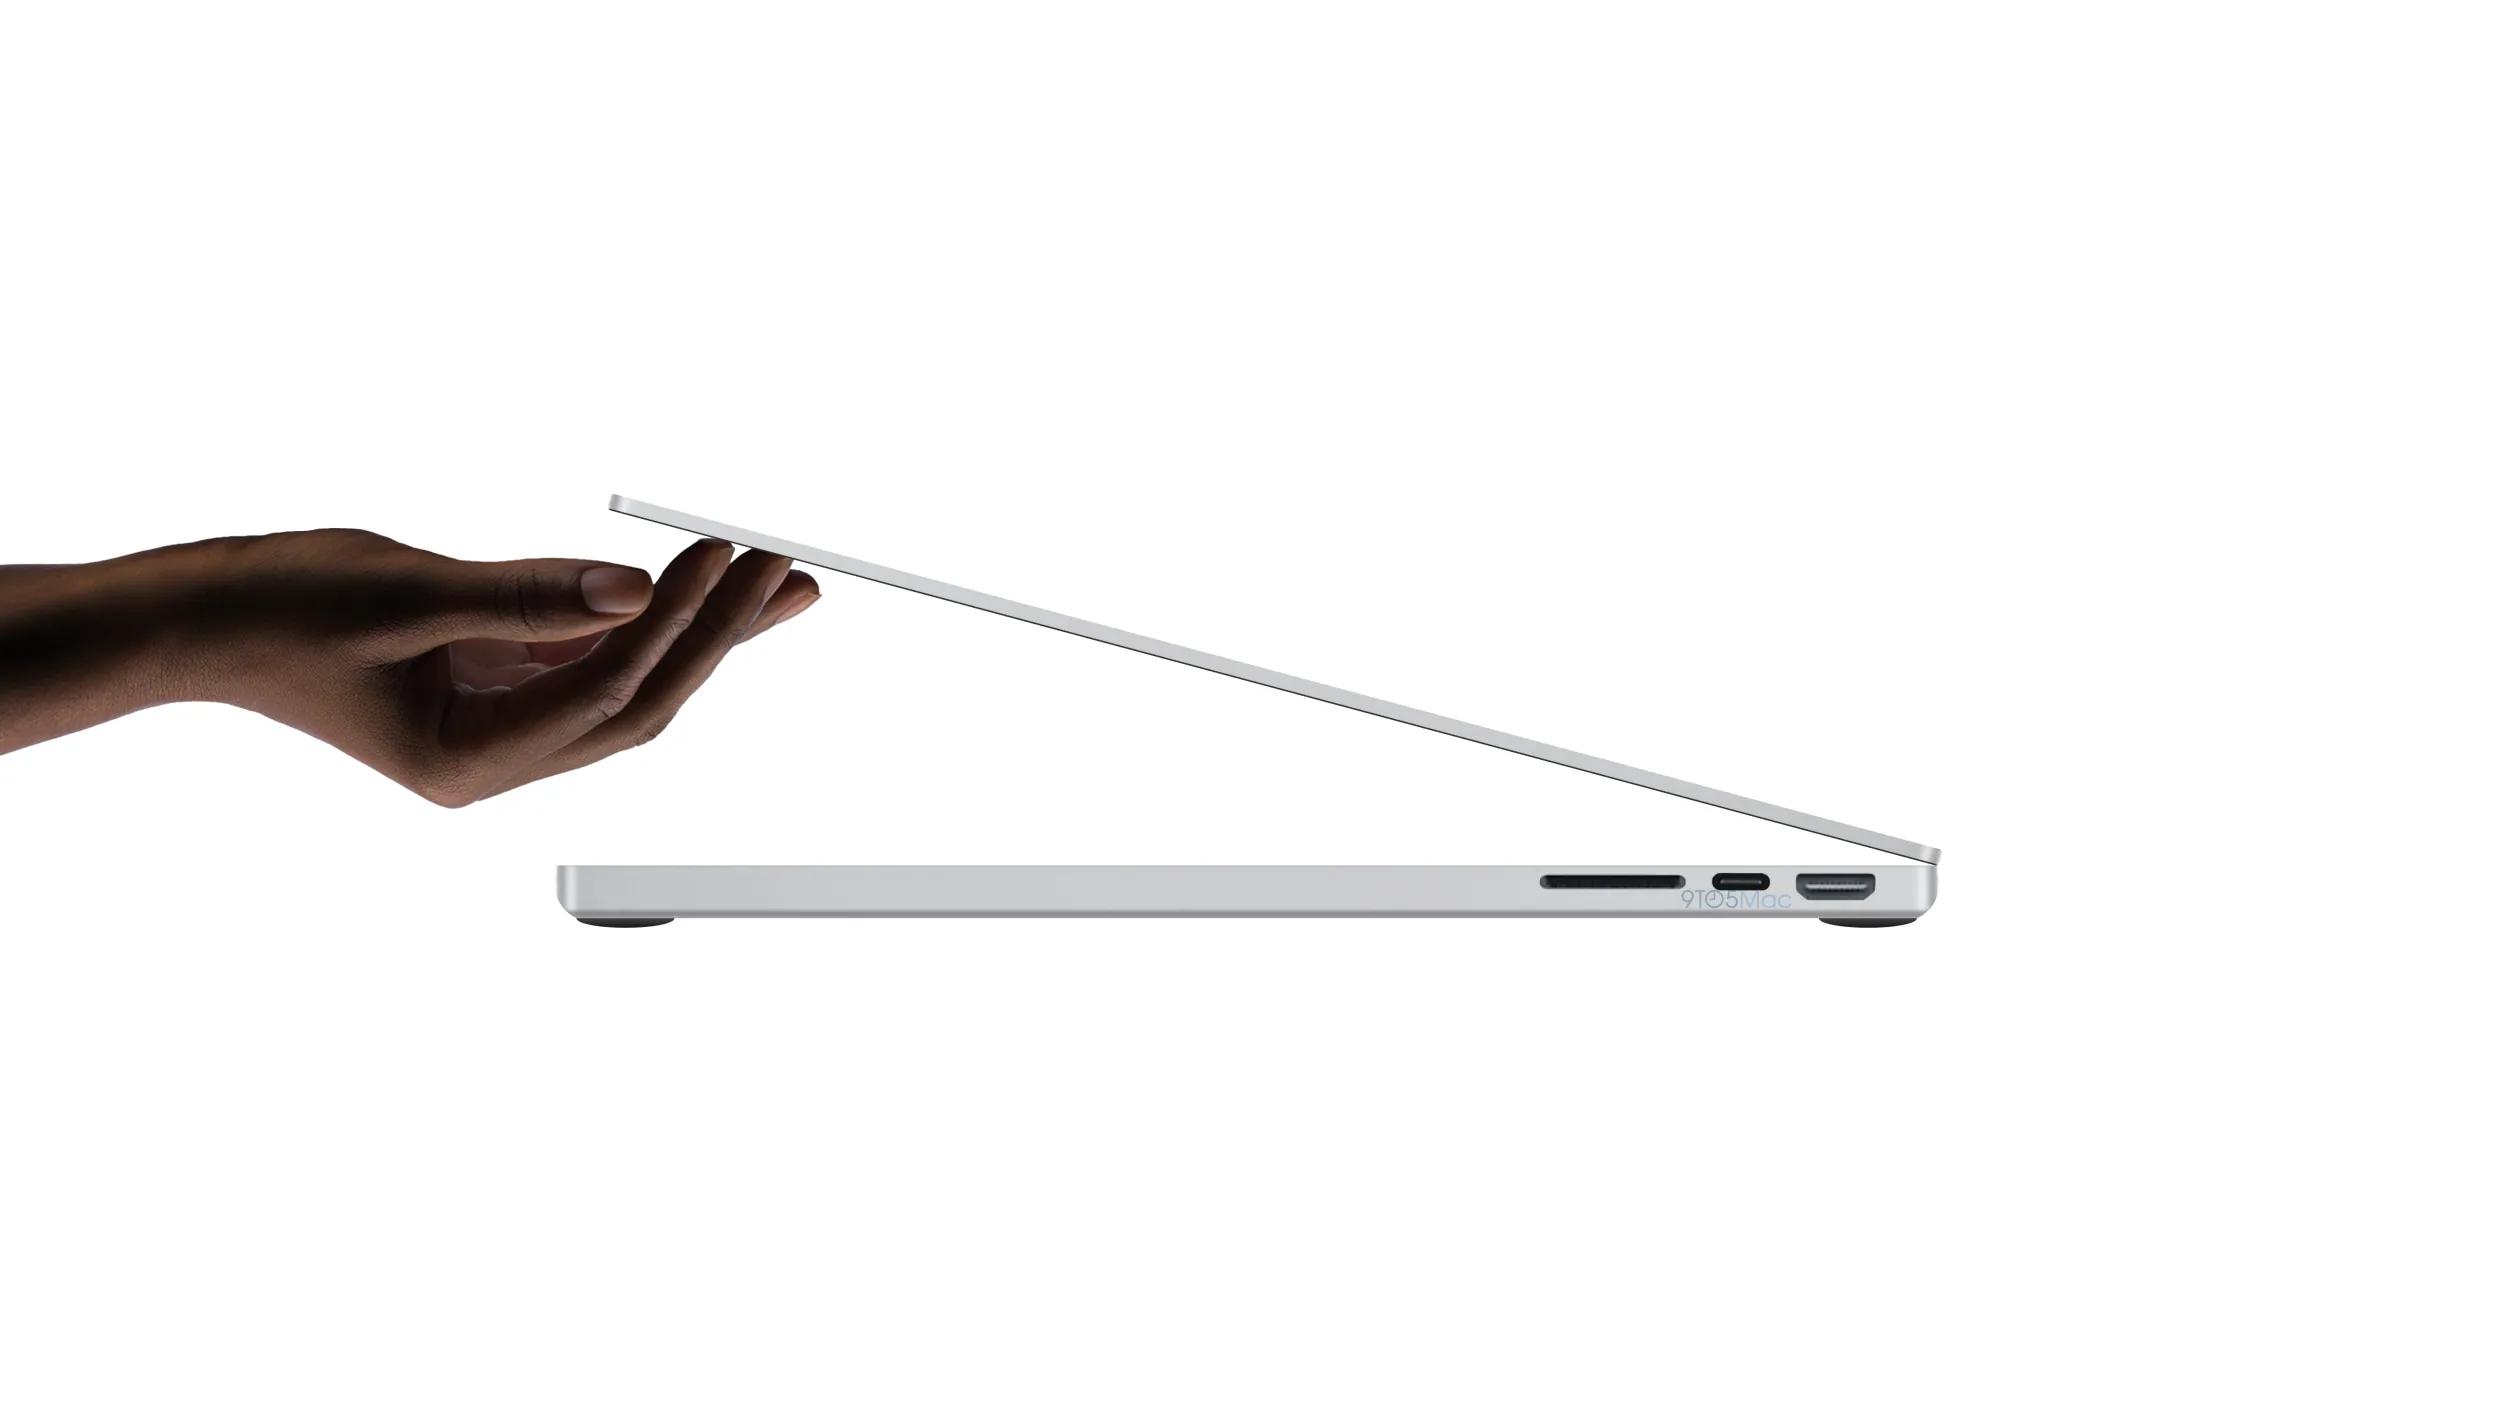 2021 MacBook Pro schematics show new design, HDMI port, SD ...